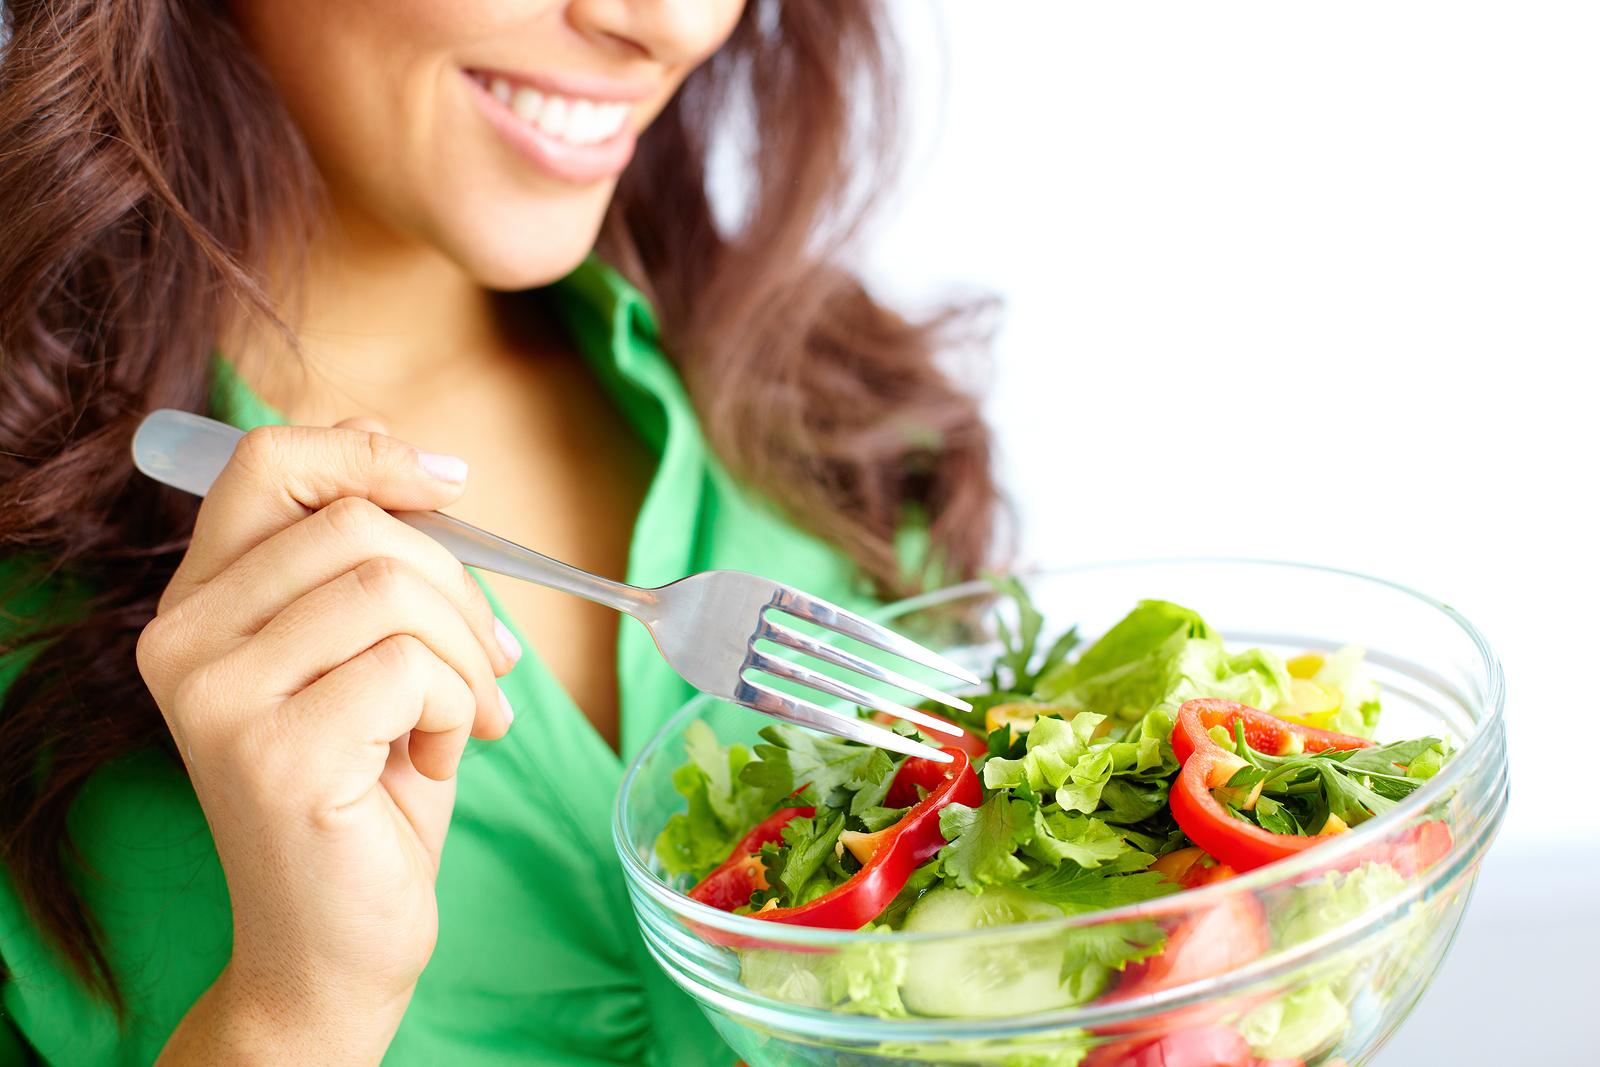 Ser vegetariano incrementa la inteligencia: estudio